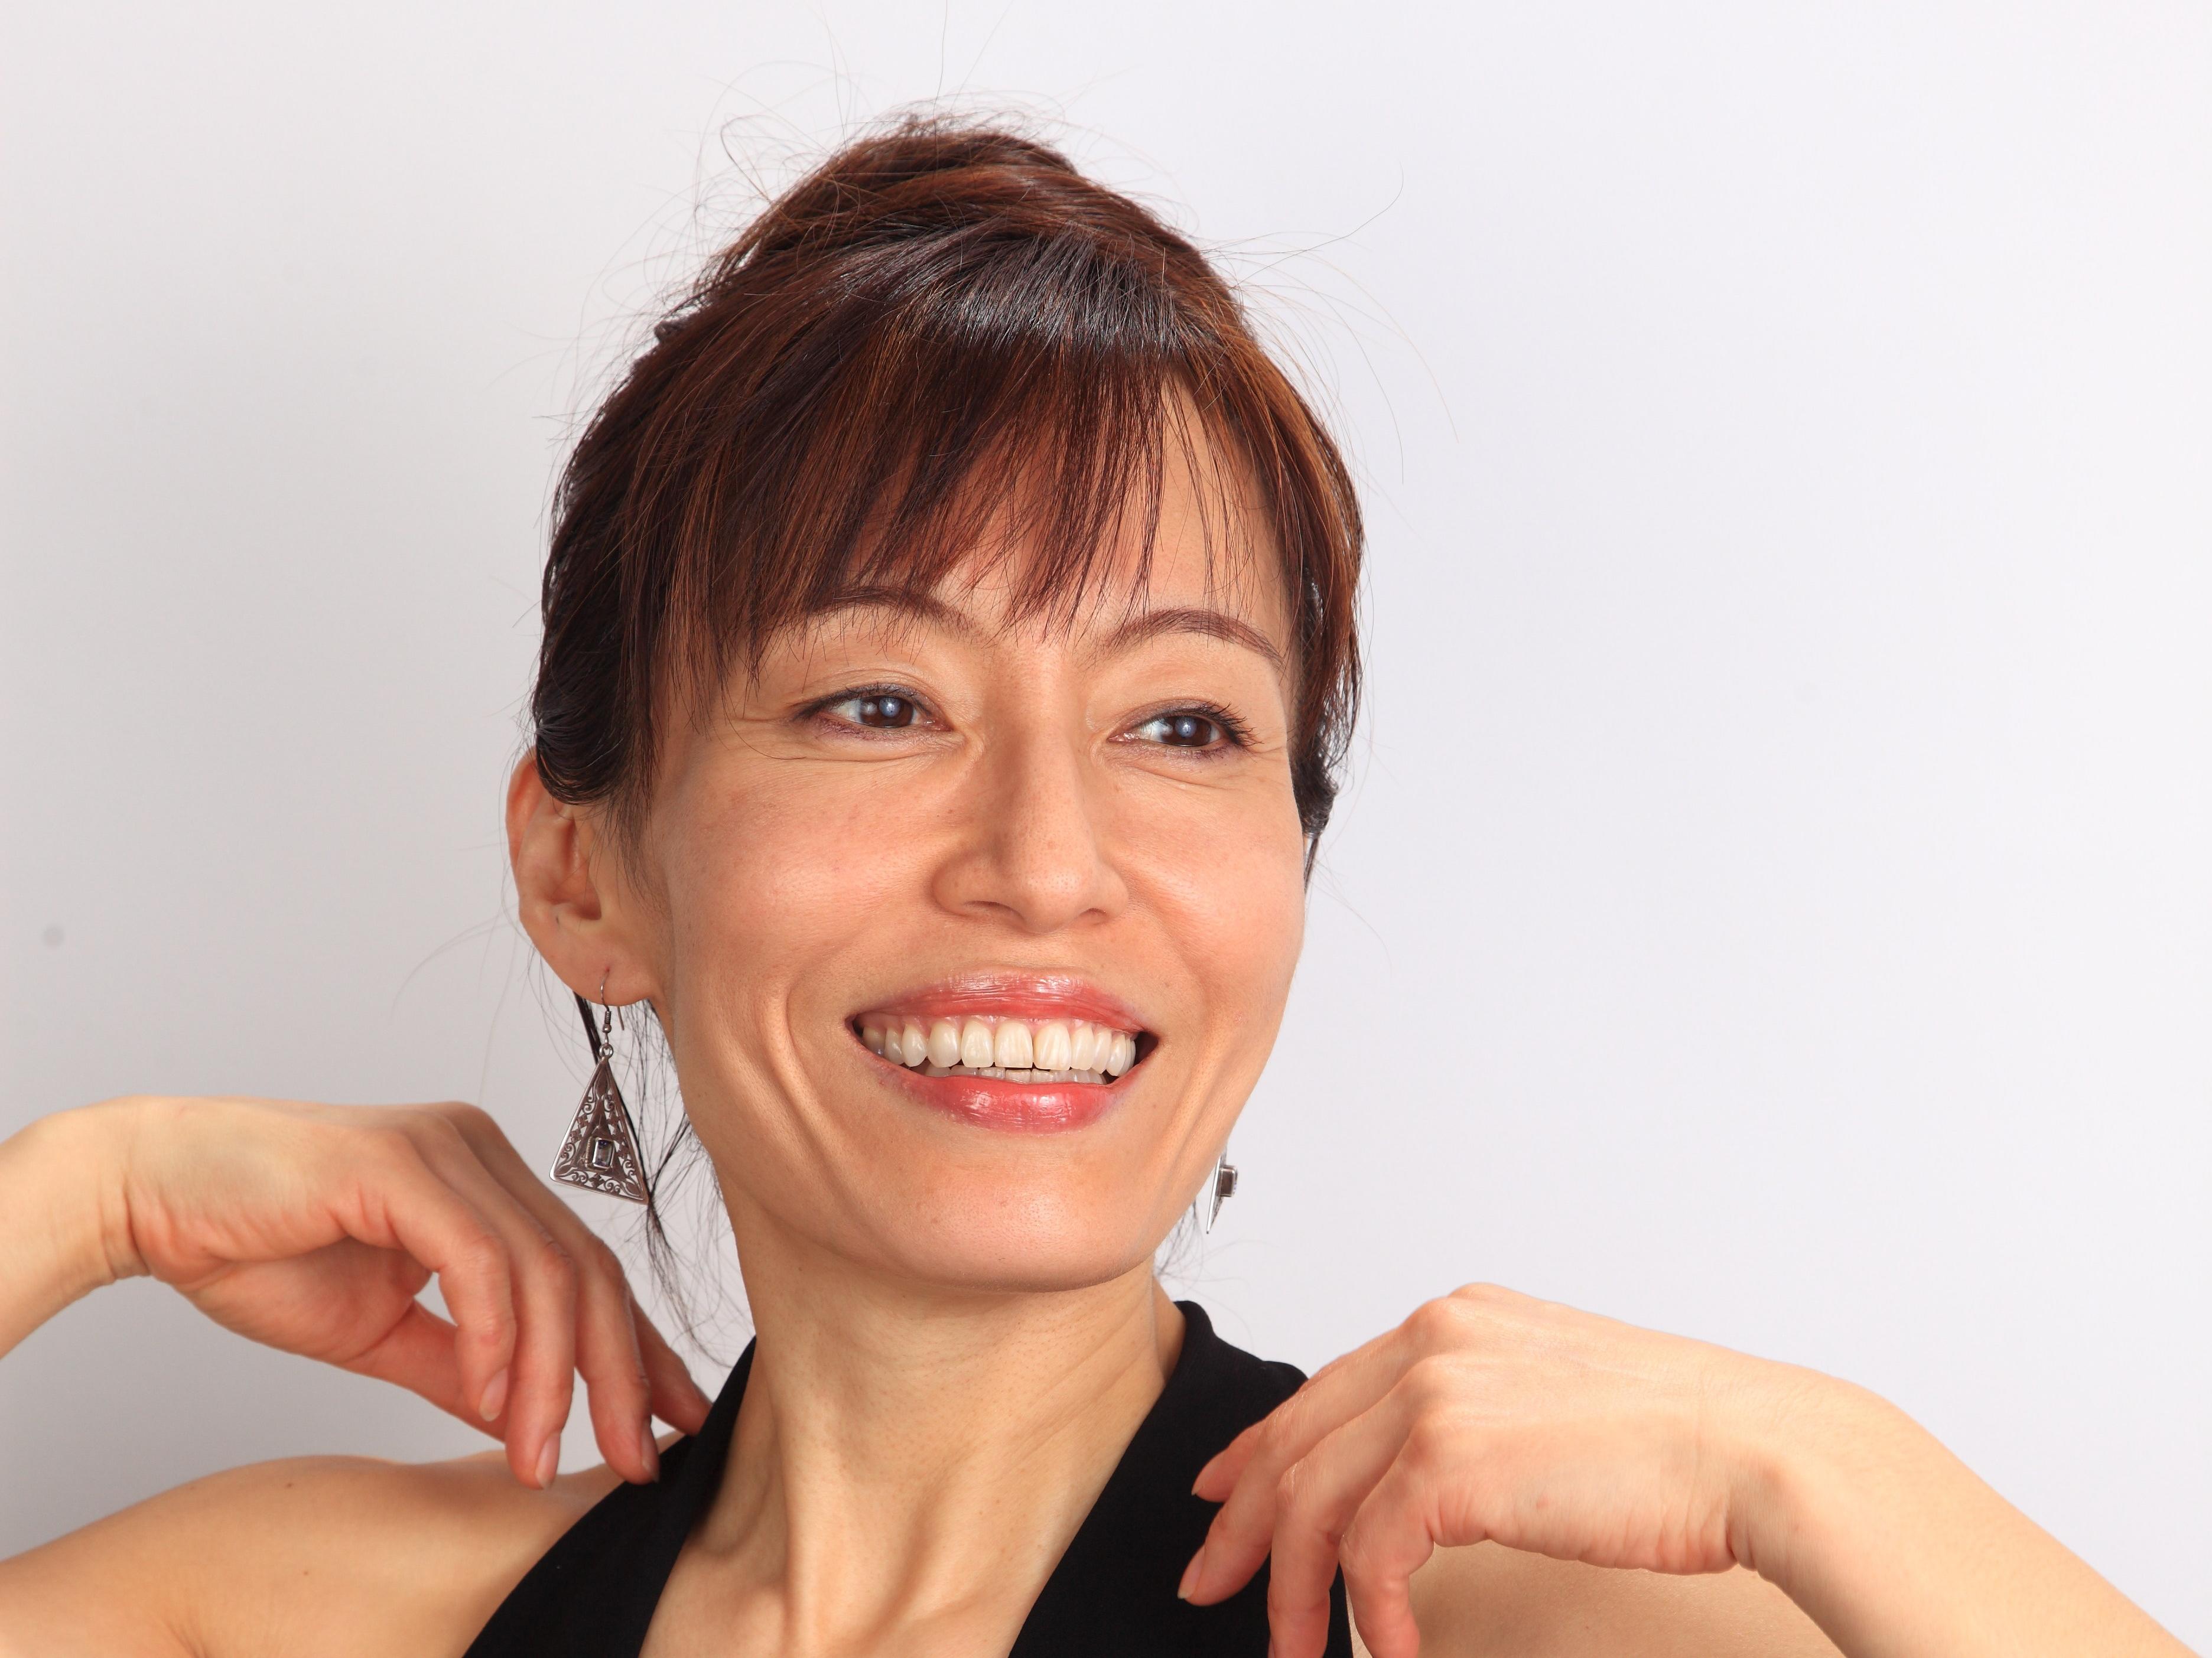 #BEYOUROWN MEETS FUMIKO TAKATSU